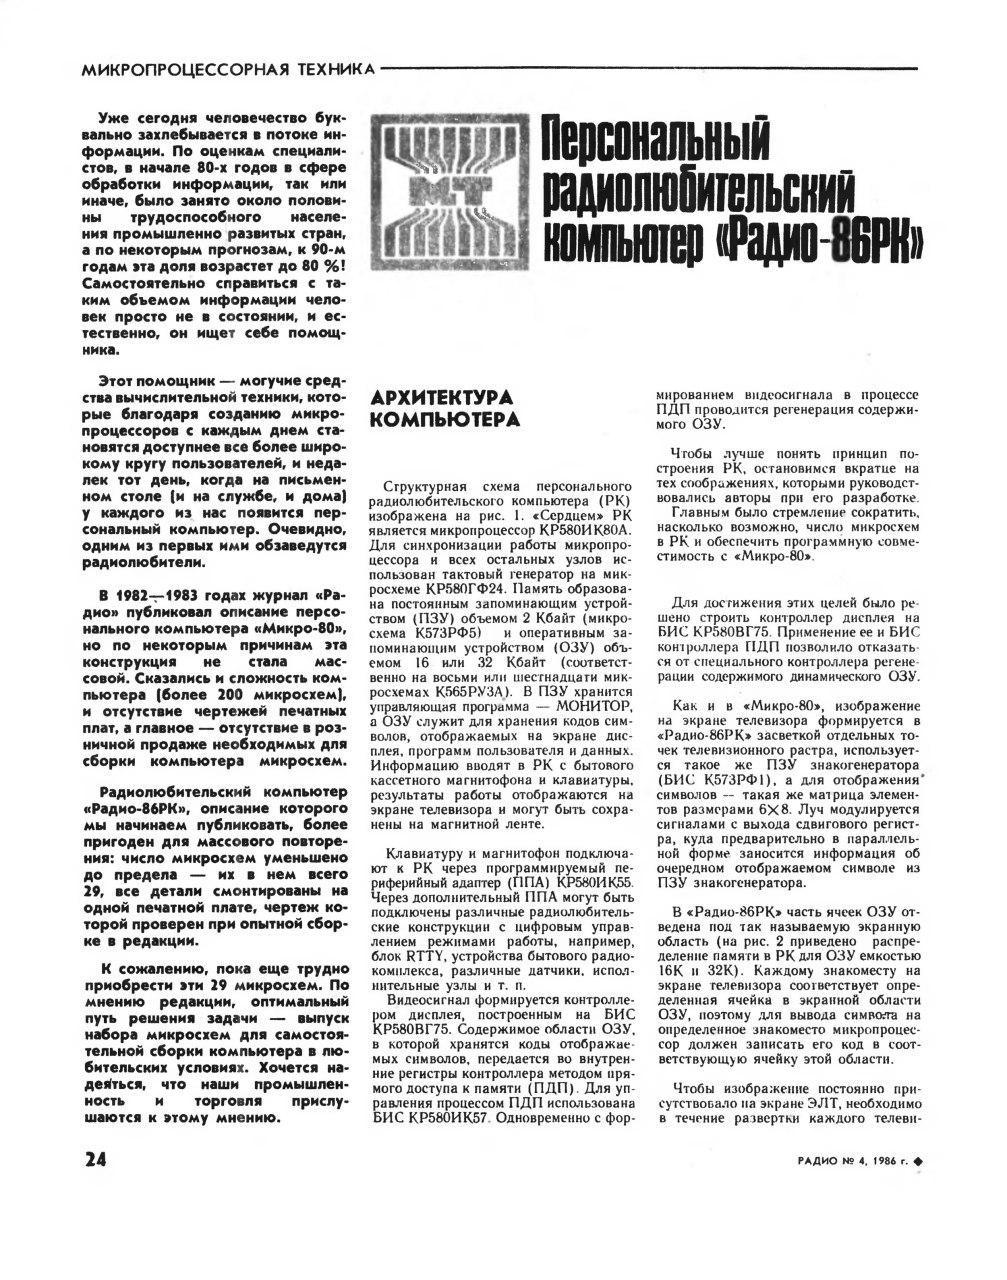 ZX Spectrum в России и СНГ: как стремление в онлайн трансформировало оффлайн - 2